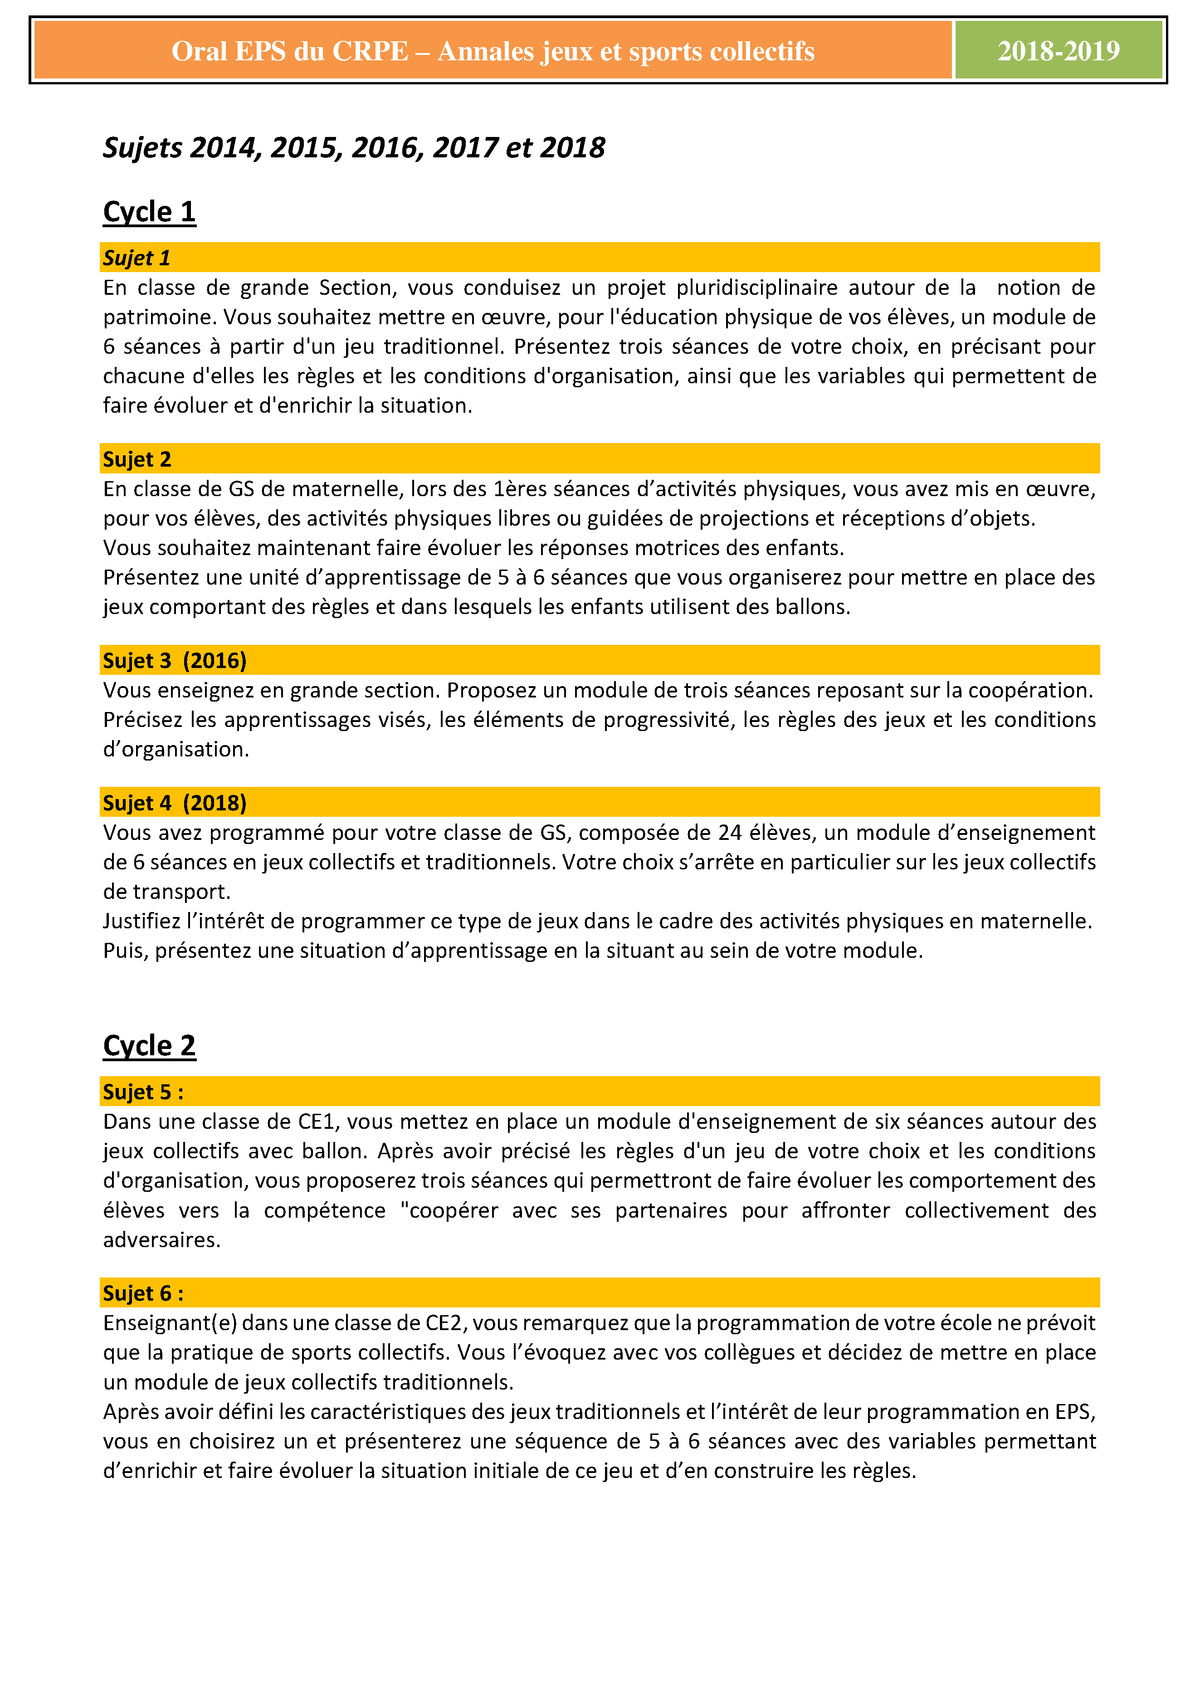 Examen 2019, Questions - Eps M1 Meef - Upjv - Studocu à Jeux Collectifs Cycle 3 Sans Ballon